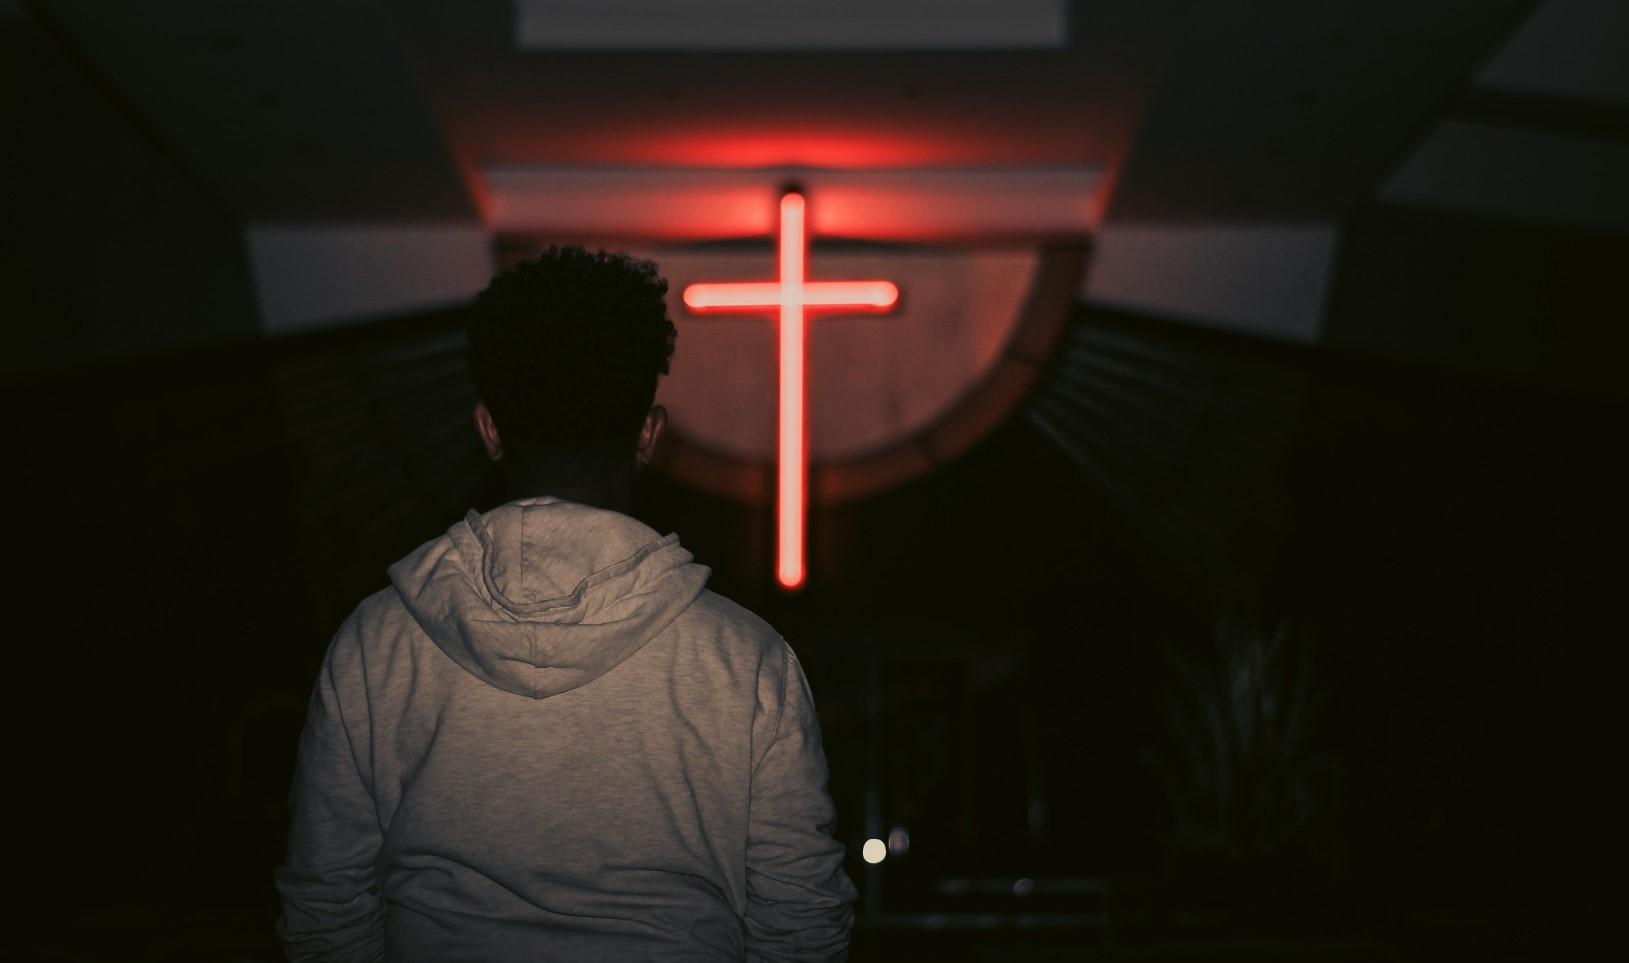 luces con forma de cruz